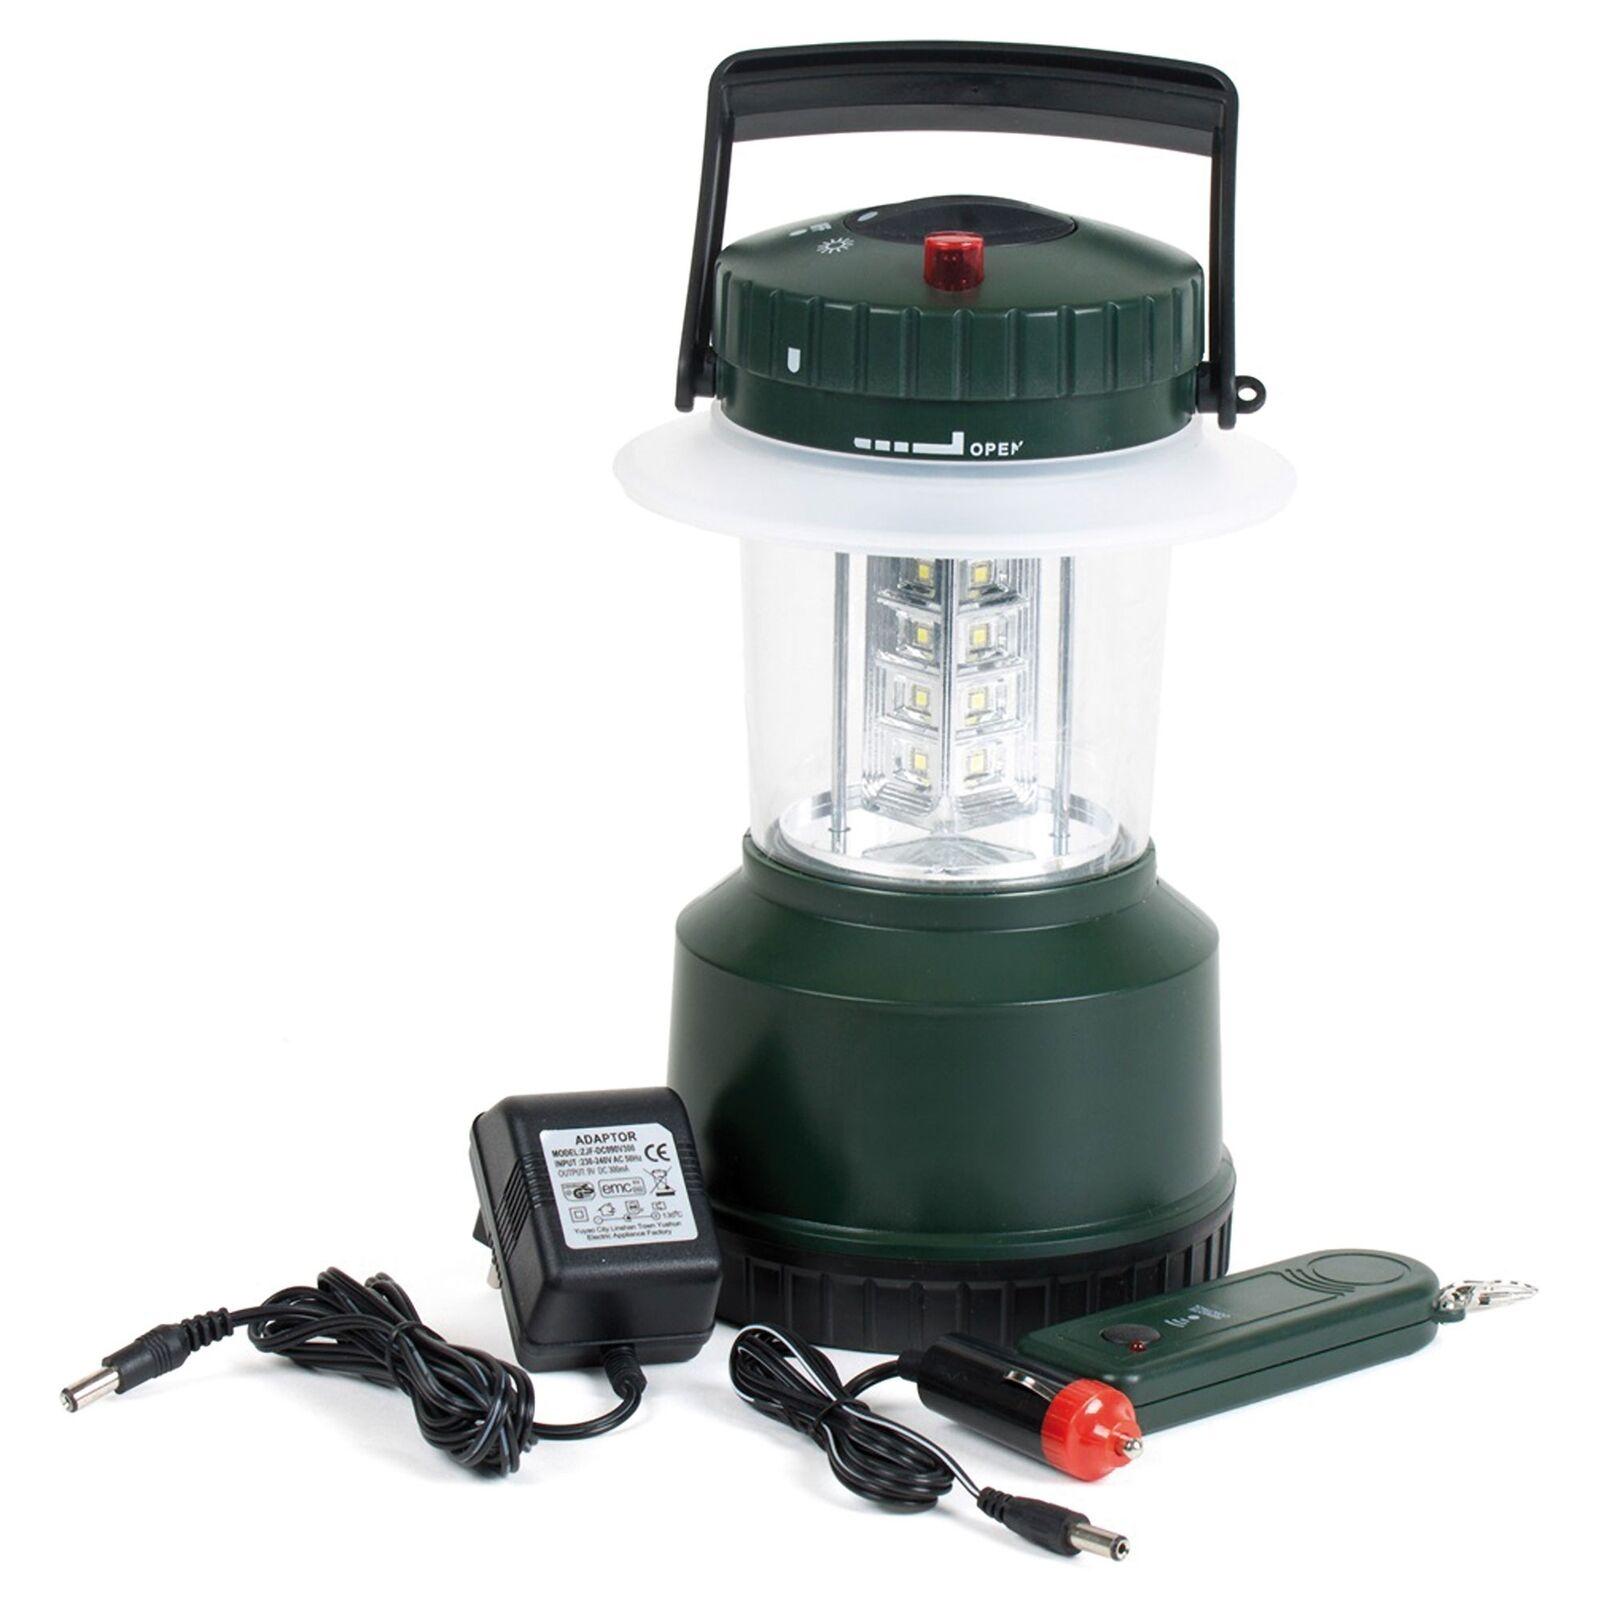 Akku LED Camping Lampe mit Fernbedienung Outdoor Laterne Gartenleuchte Zeltlampe  | Die Qualität Und Die Verbraucher Zunächst